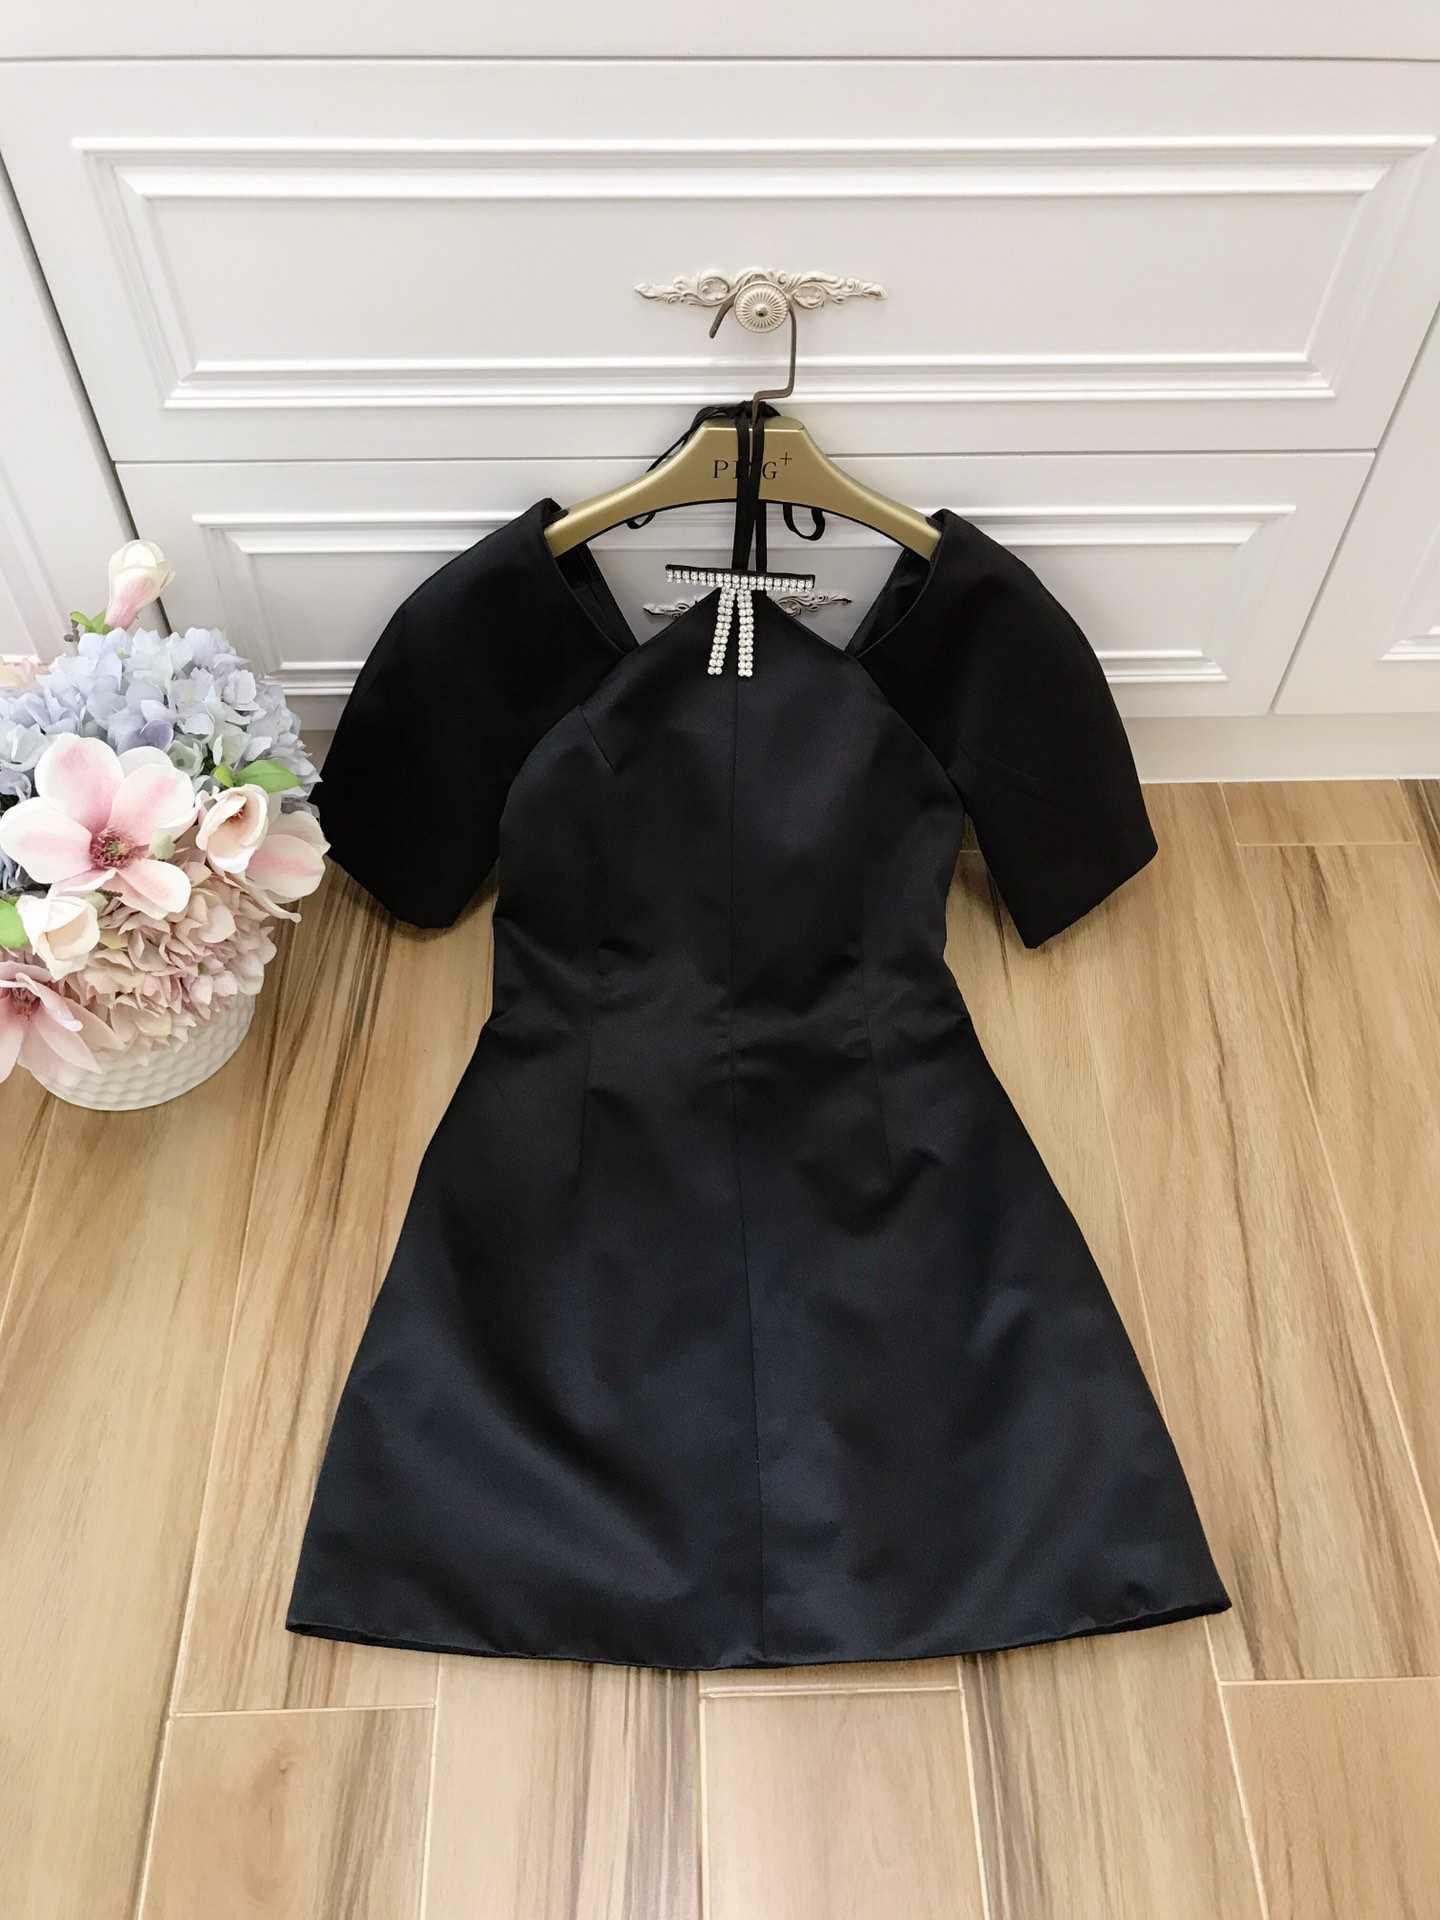 2019 primavera y verano nuevo vestido de las mujeres vestido de negro pequeño taladro clavo arco-in Vestidos from Ropa de mujer    1